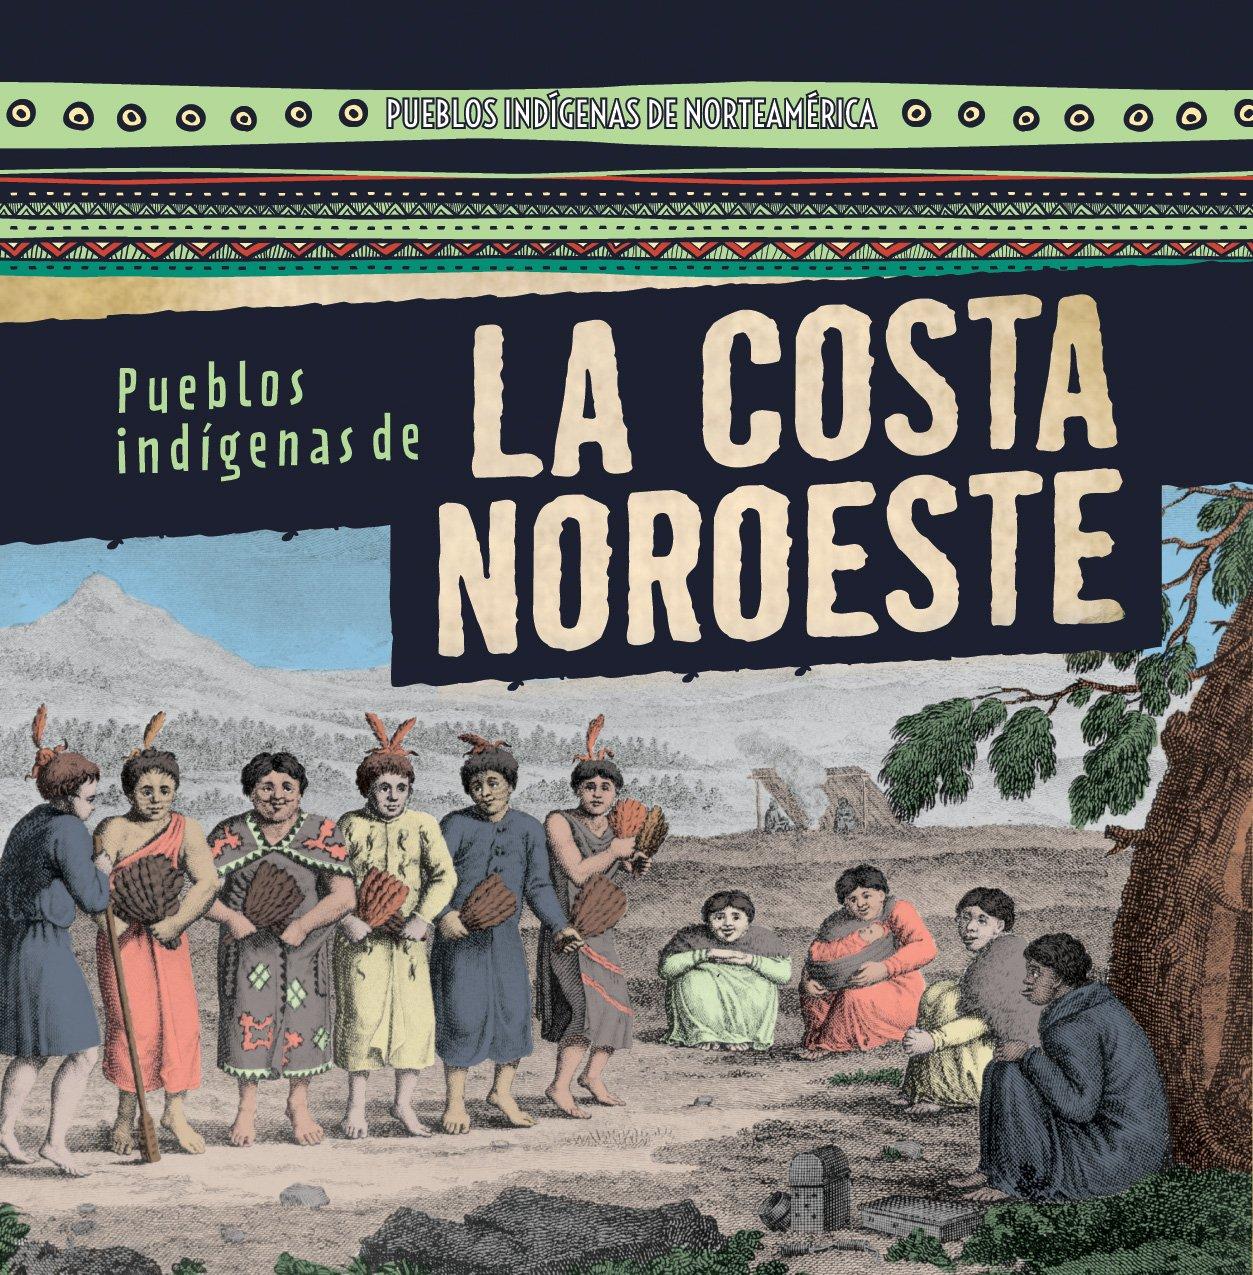 Pueblos indígenas de la costa Noroeste /Native Peoples of the Northwest Coast (Pueblos Indígenas De Norteamérica /Native Peoples of North America)